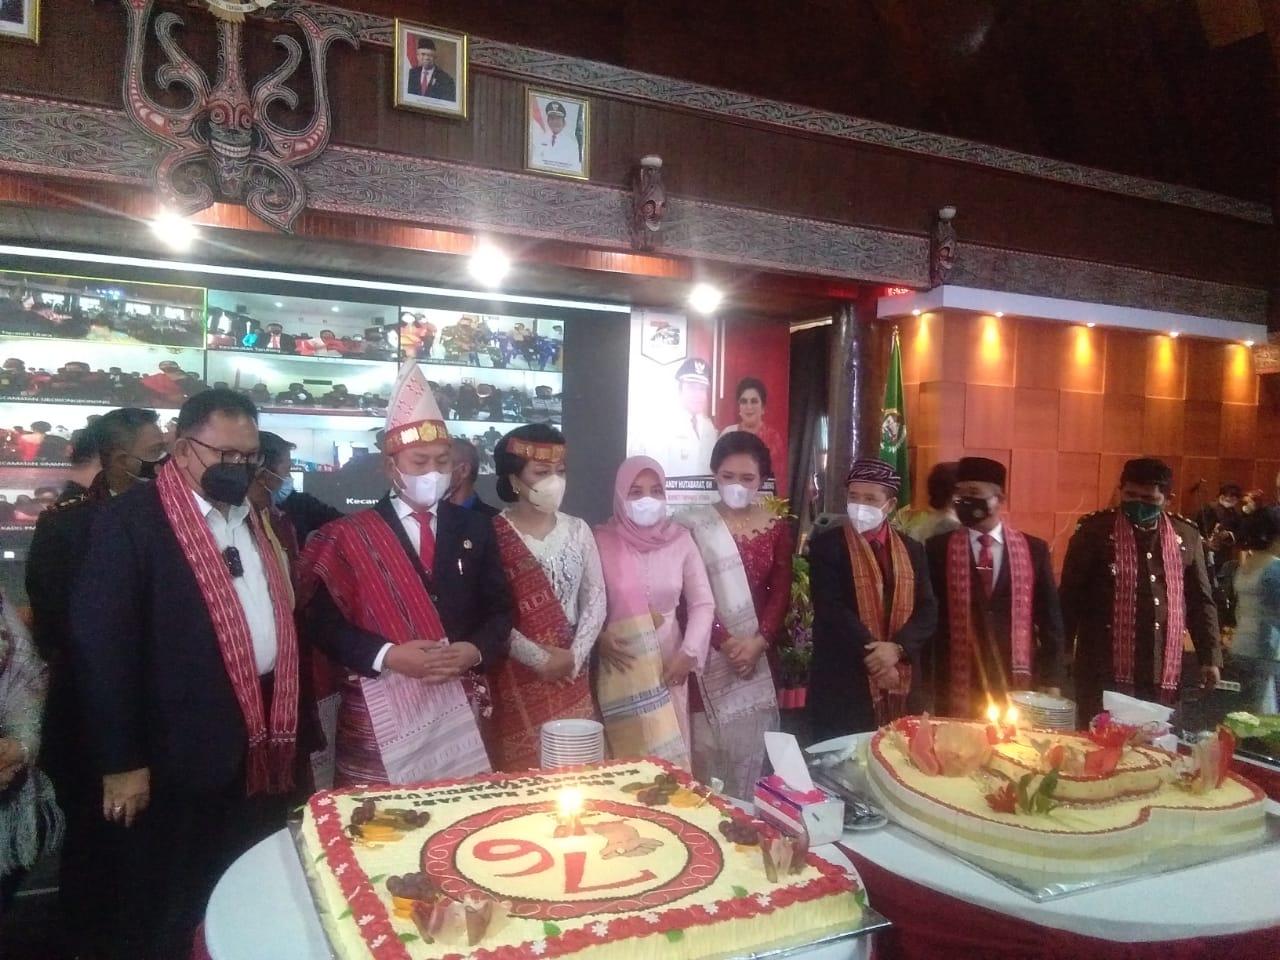 Bupati Taput Nikson Nababan didampingi istri Satika Simamora dan Forkopimda saat merayakan HUT Taput ke-76. Foto: Paska Marbun